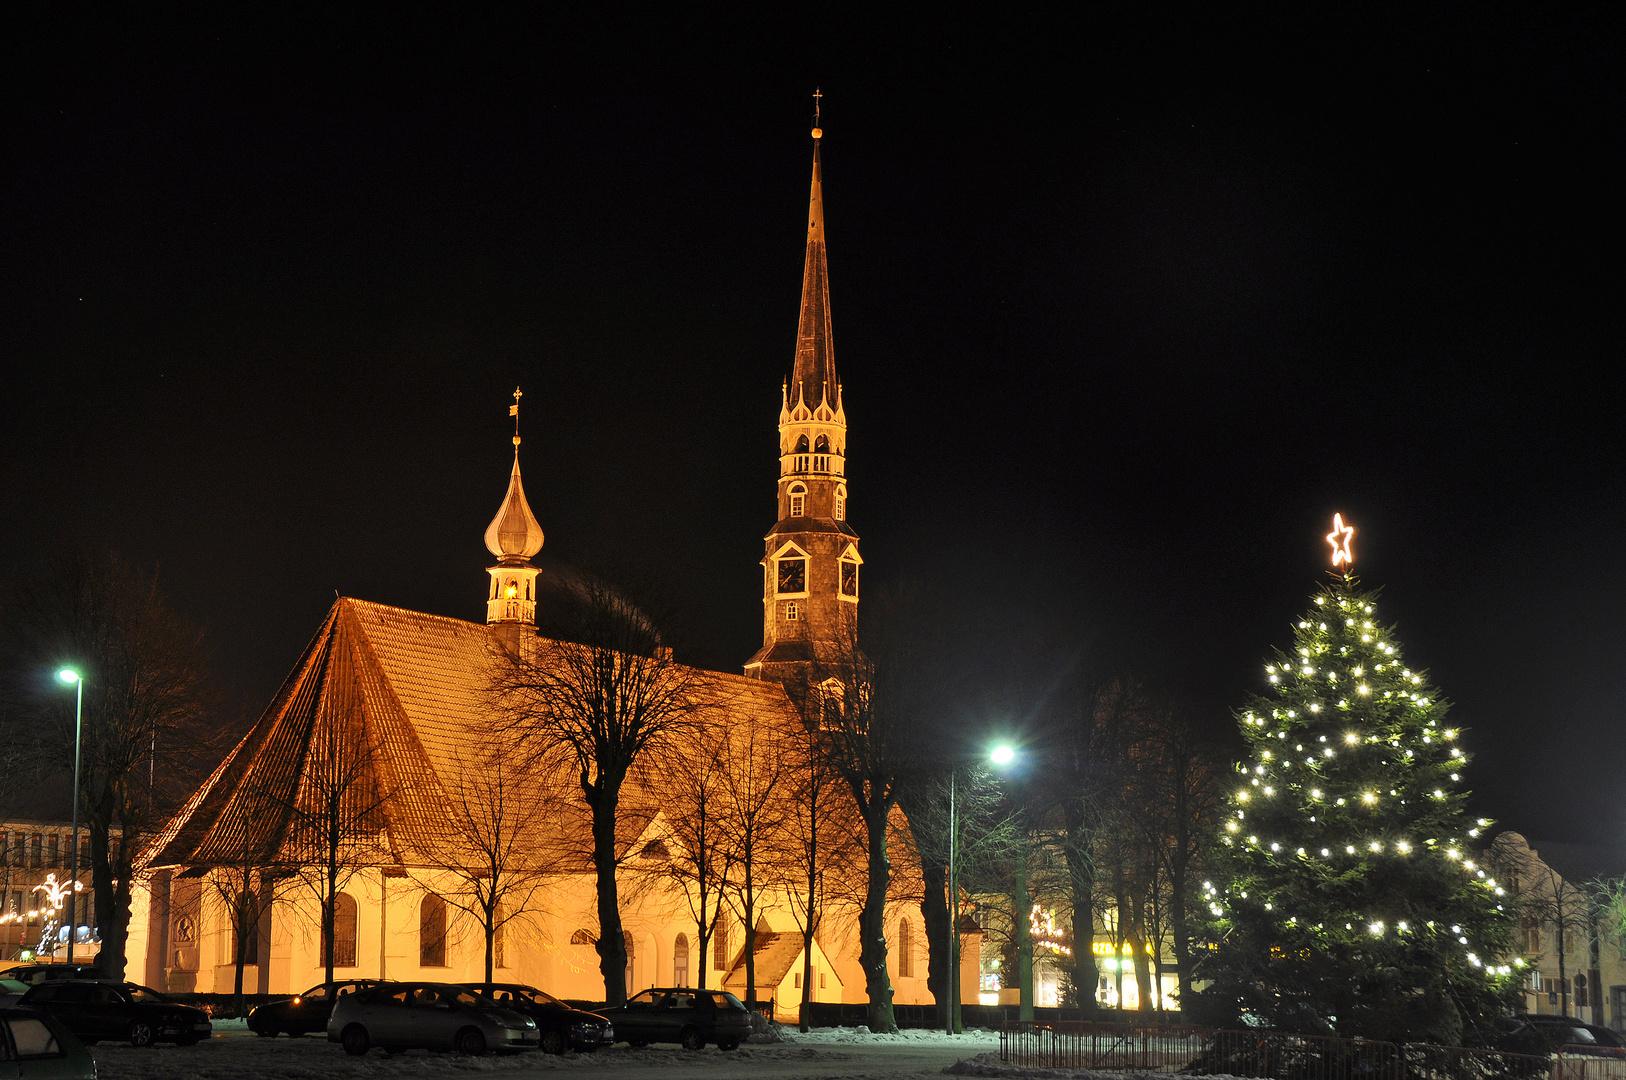 St Jürgen Kirche Heide